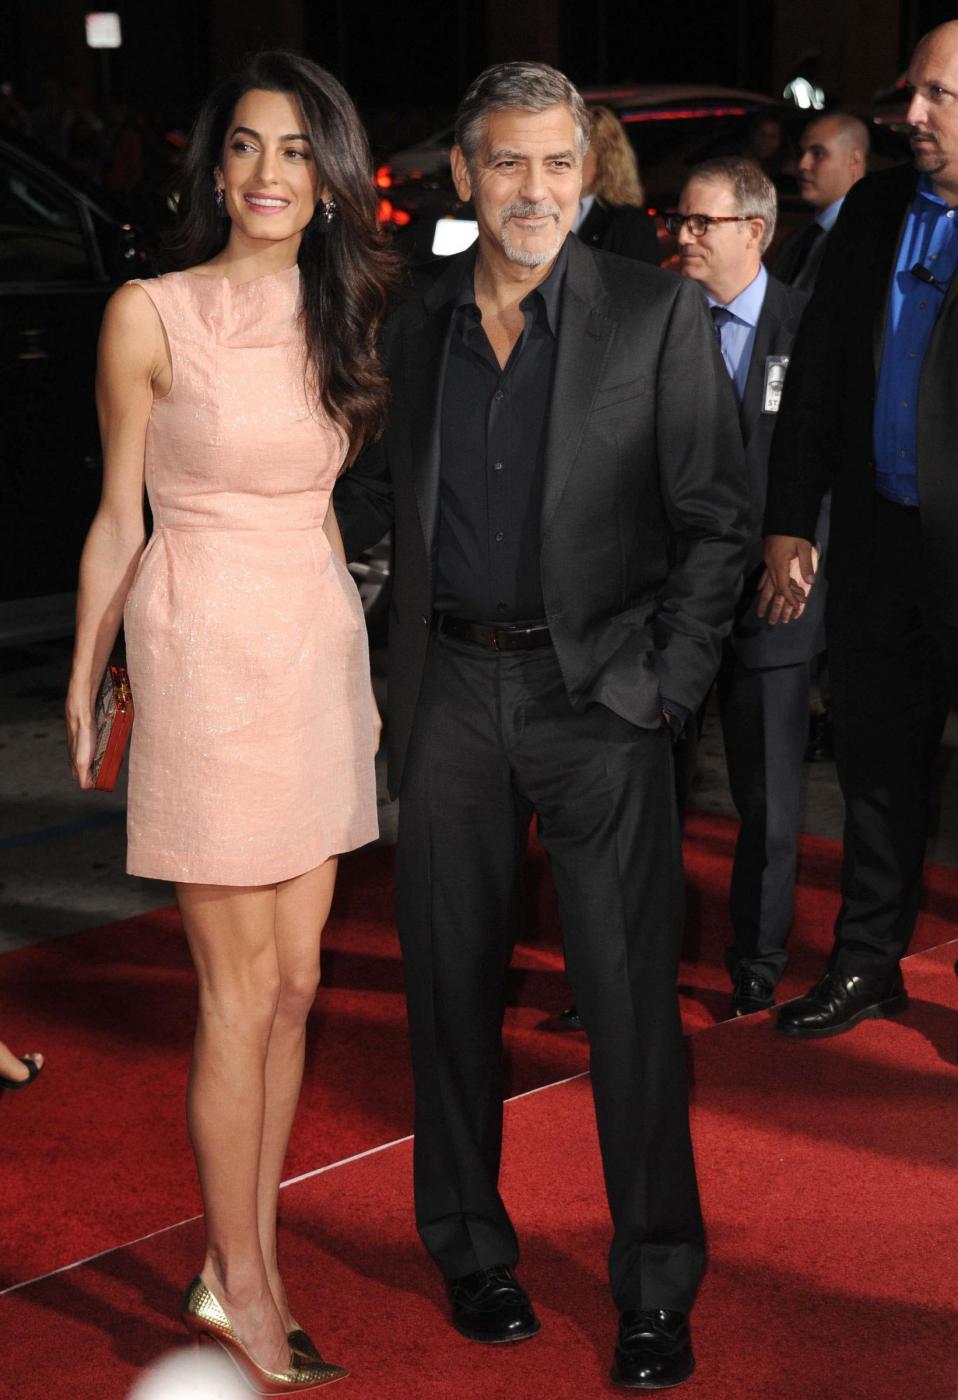 Amal Alamuddin Clooney, vestito rosa glitterato a Londra FOTO 7